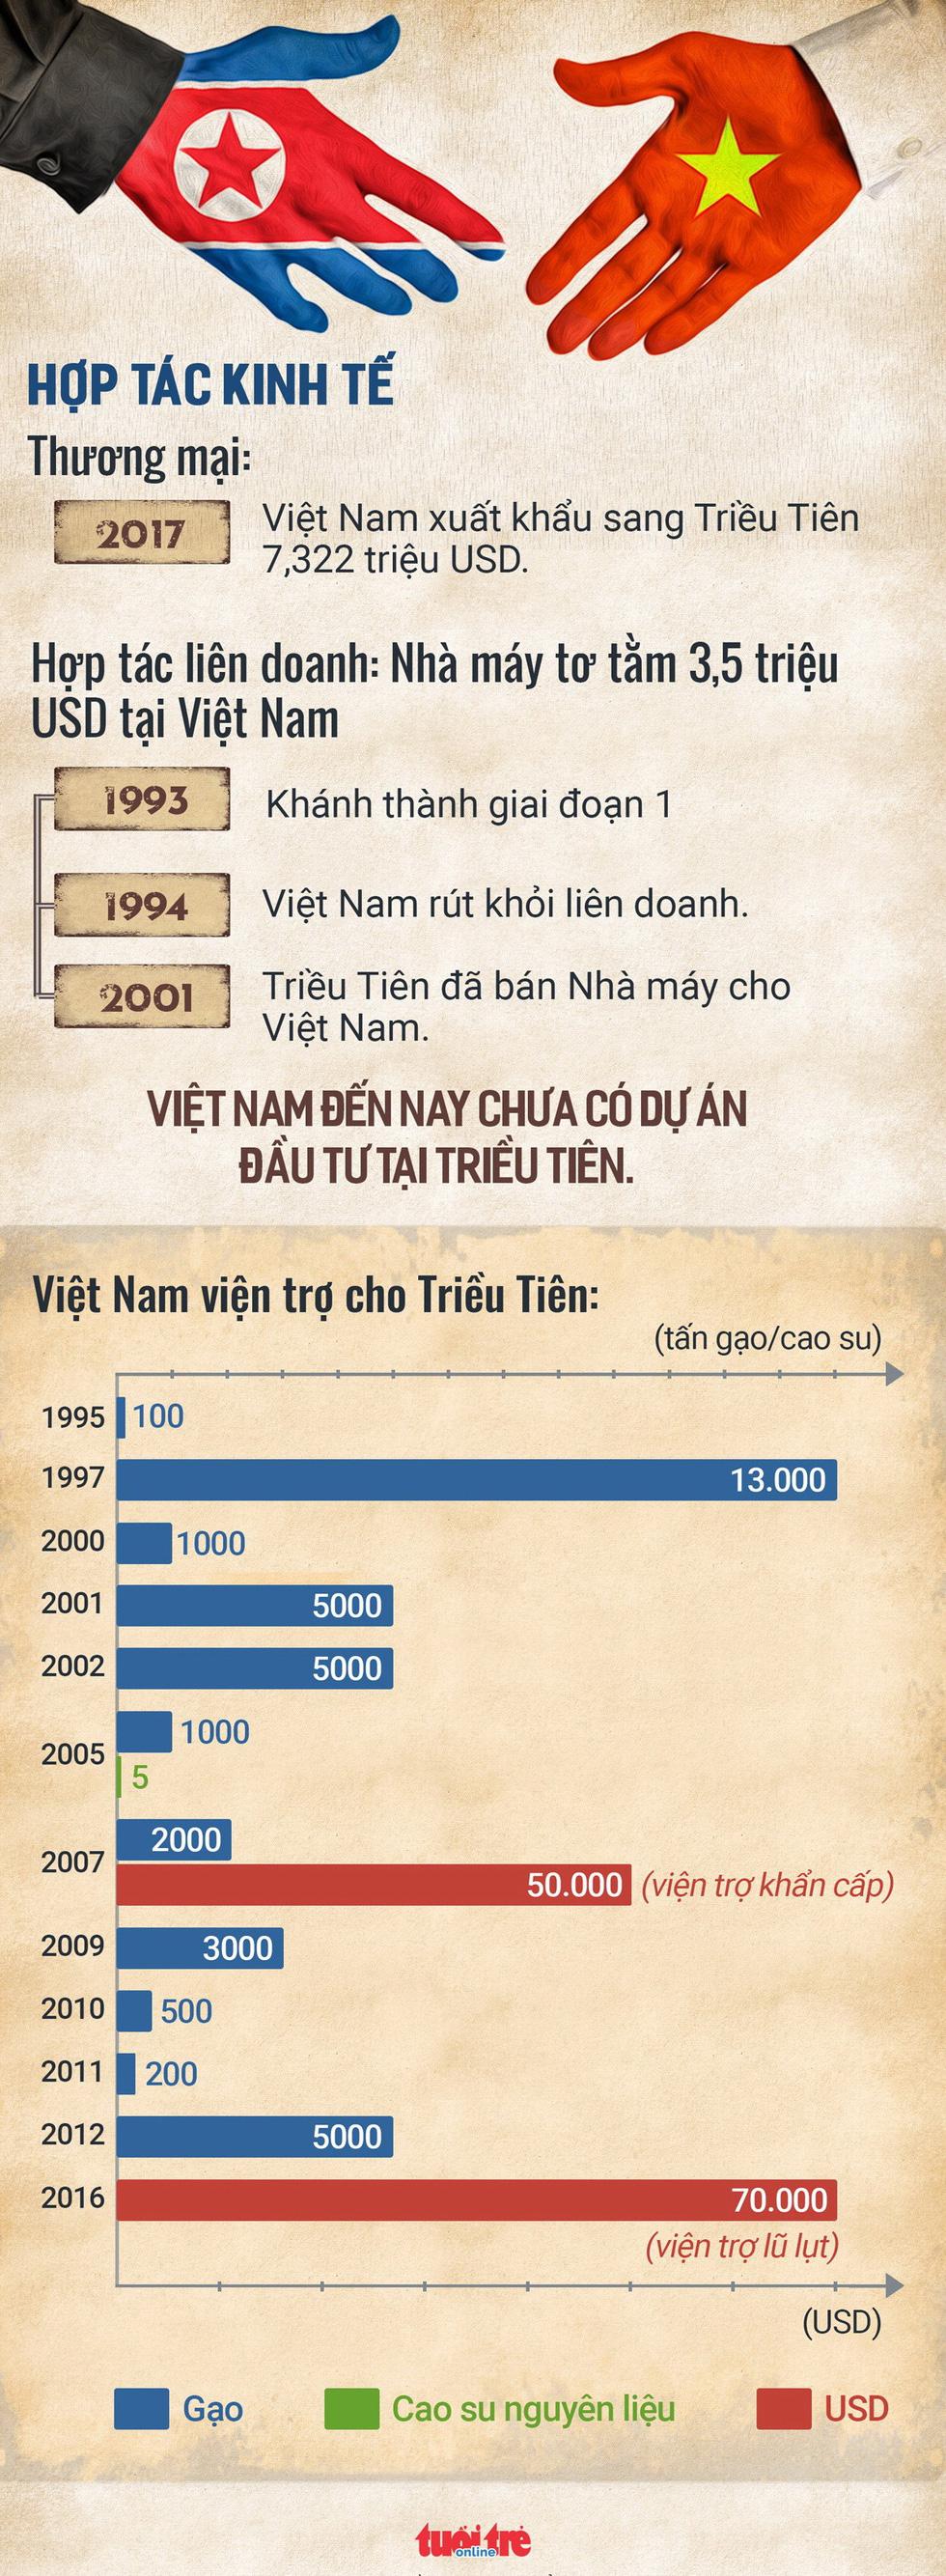 Chủ tịch Triều Tiên Kim Jong Un bắt đầu thăm Việt Nam - Ảnh 2.